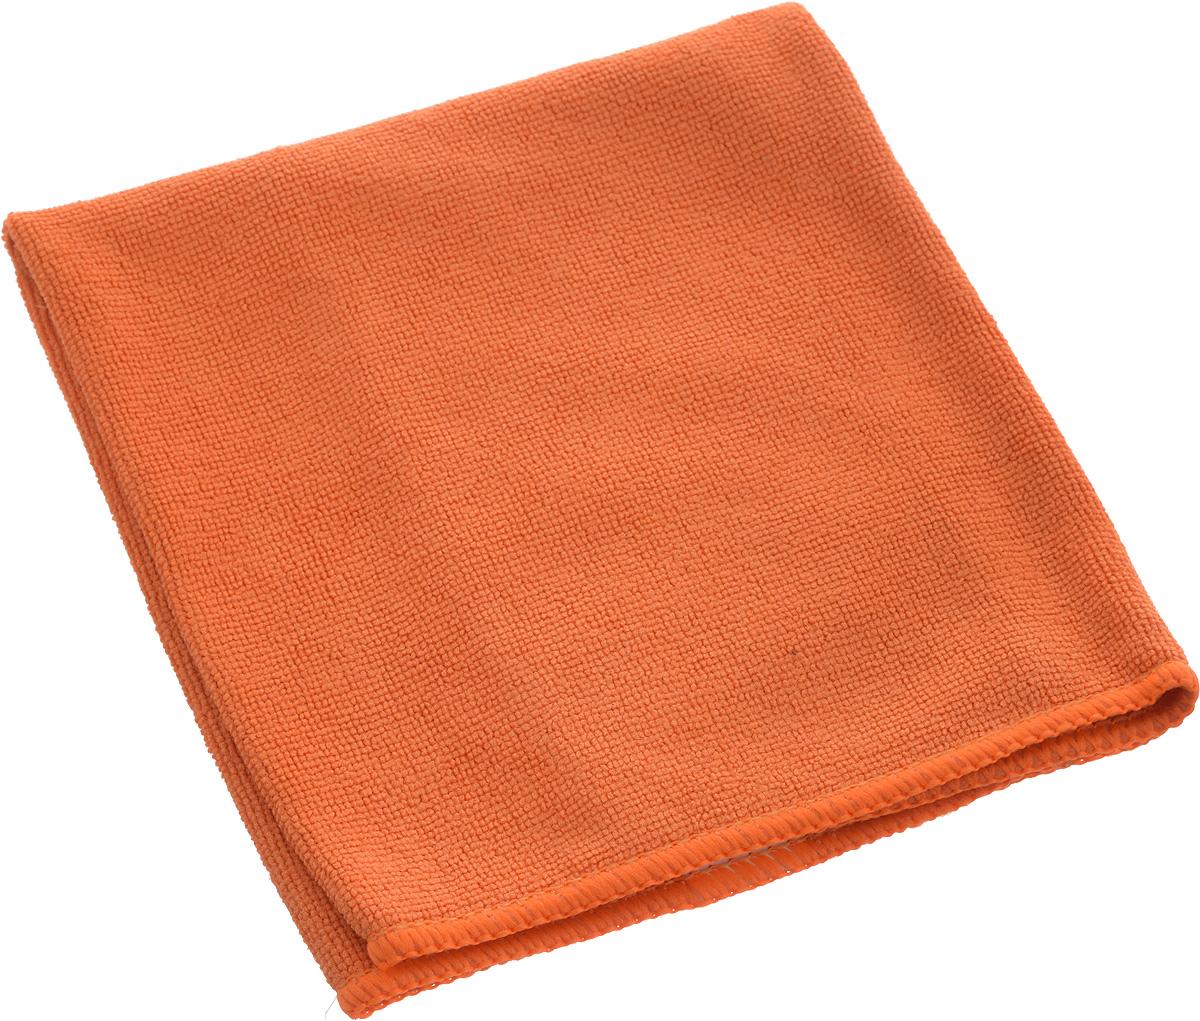 Салфетка из микрофибры Airline, цвет: оранжевый, 35 х 40 смAB-A-02Мягкая салфетка Airline выполнена из микрофибры. Мягкий ворс микрофибры очистит поверхность от пыли и загрязнений, микробов и грибком, и не отставит царапин. Материал хорошо впитывает жидкость, быстро сохнет и не подвержен быстрому износу после многочисленных стирок.